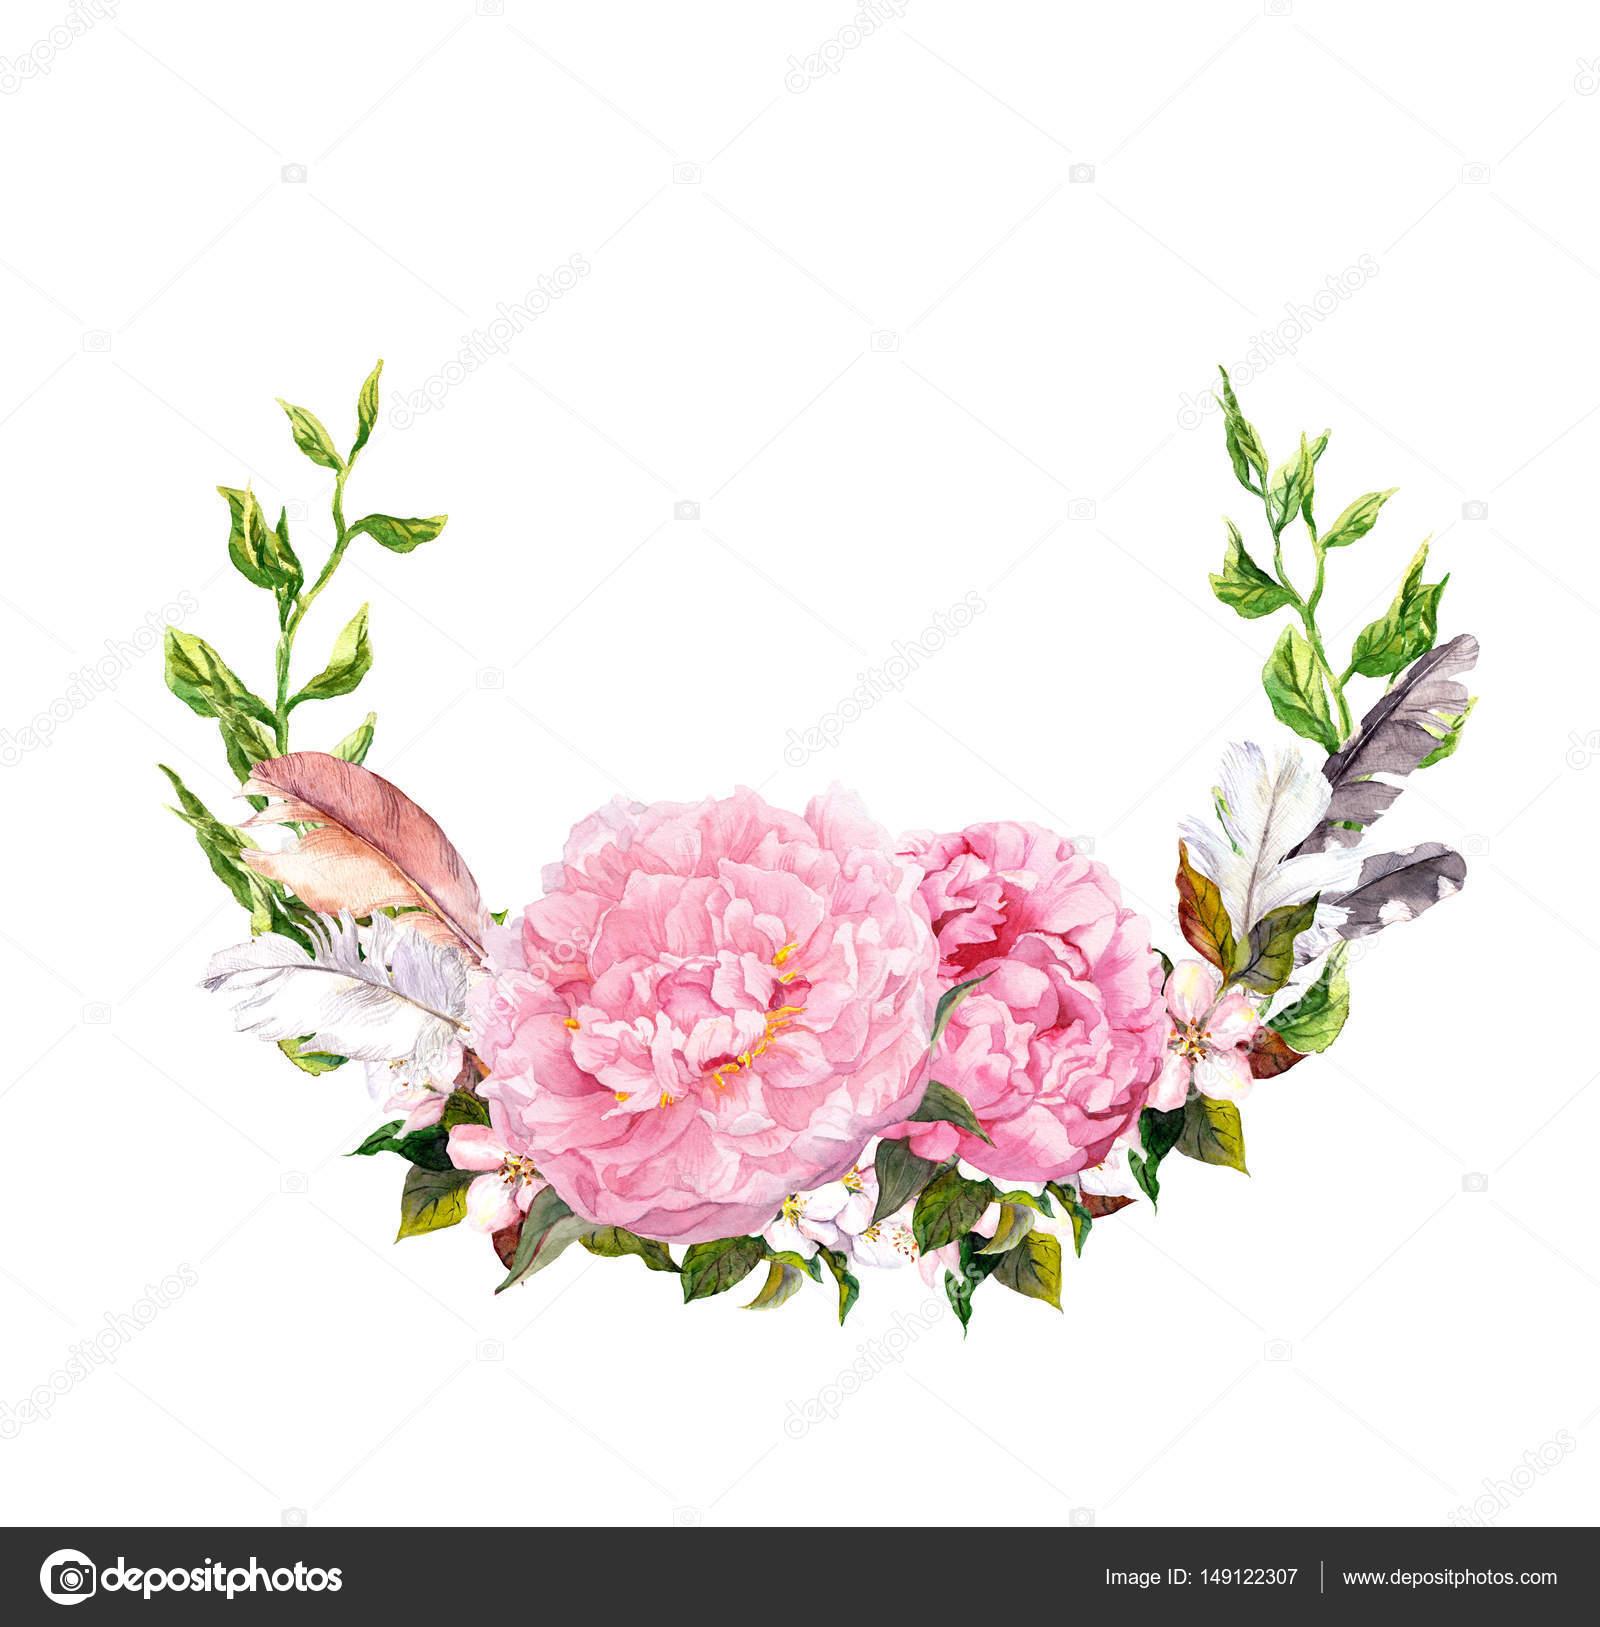 Blumenkranz mit rosa Pfingstrose Blumen Federn